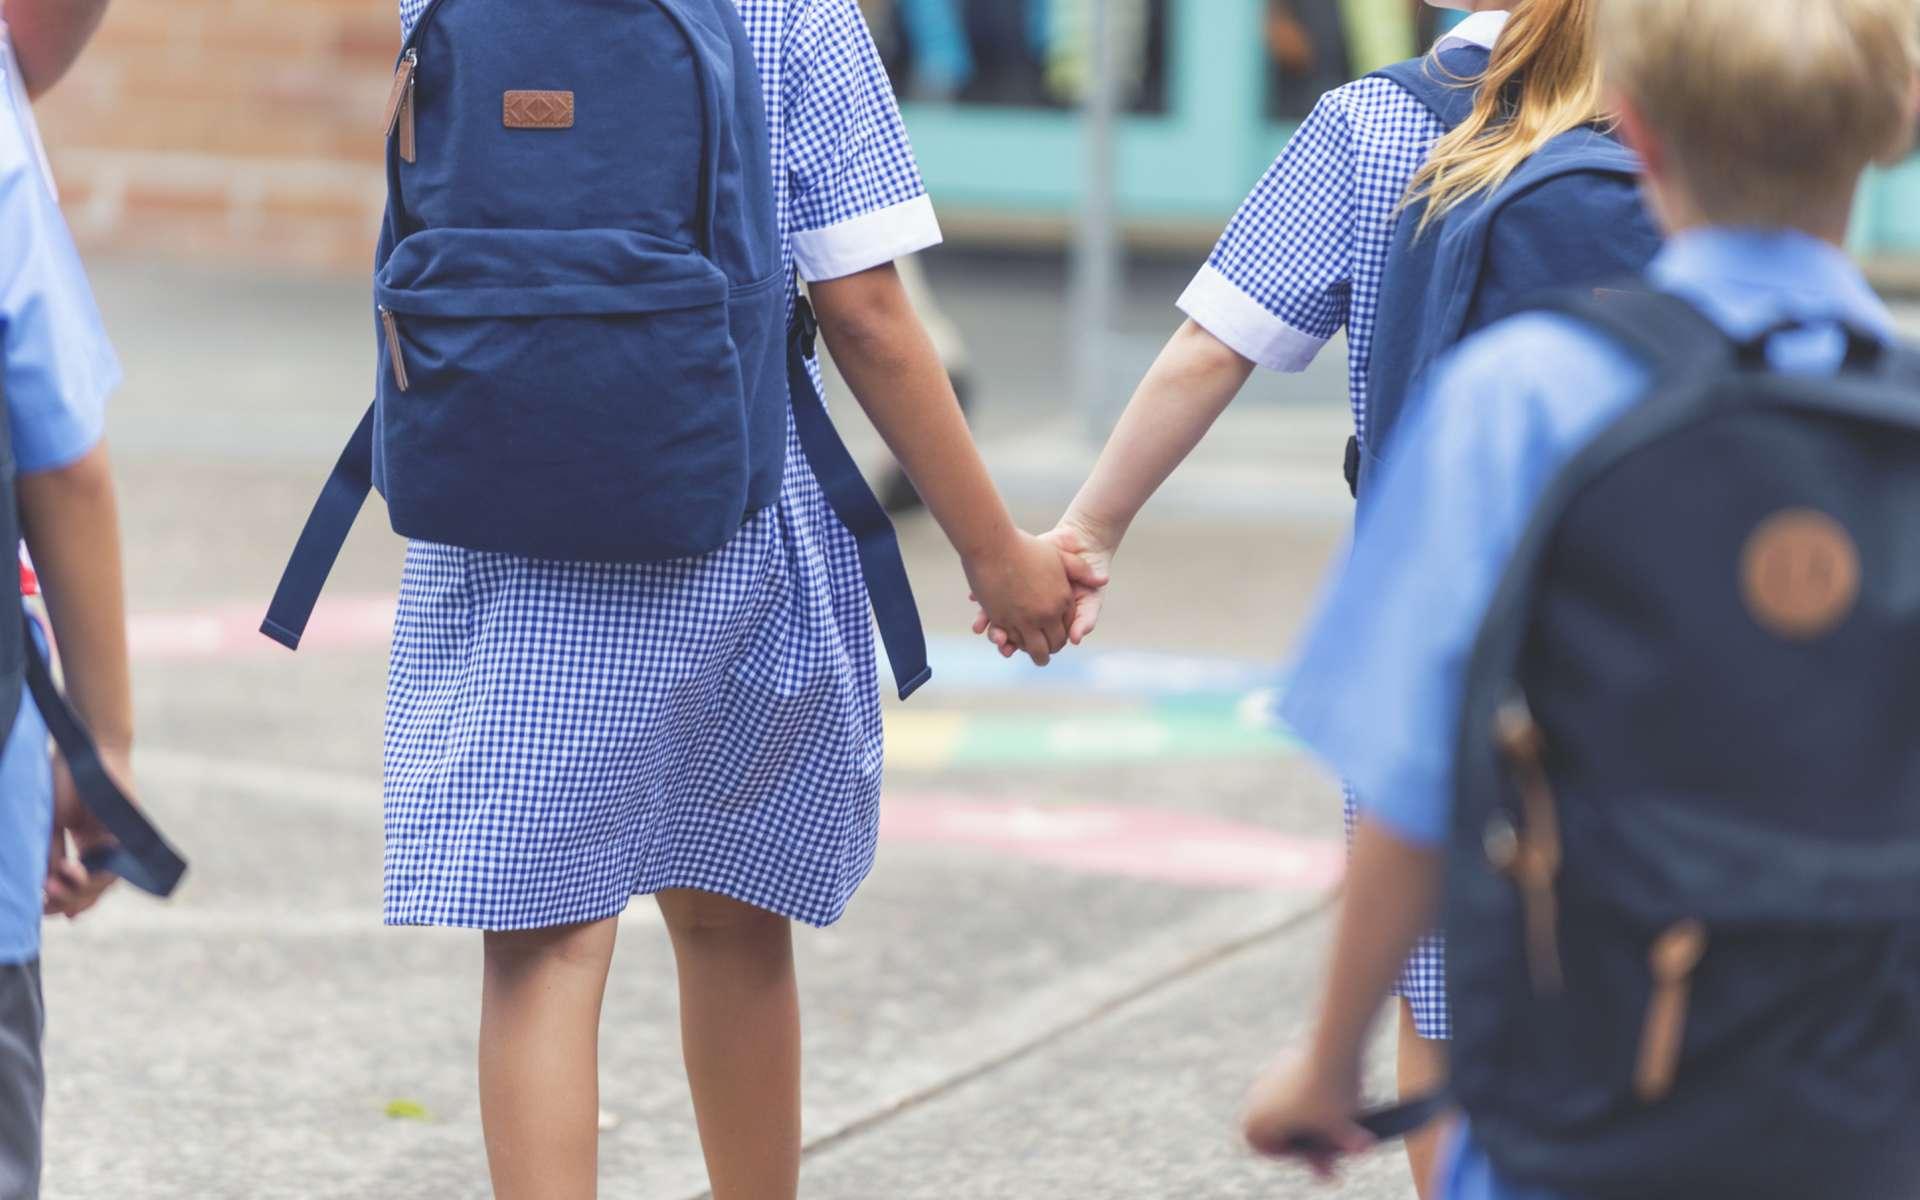 Une dynamique de transmission du SRAS-CoV-2 différente chez les enfants. © courtneyk, IStock.com